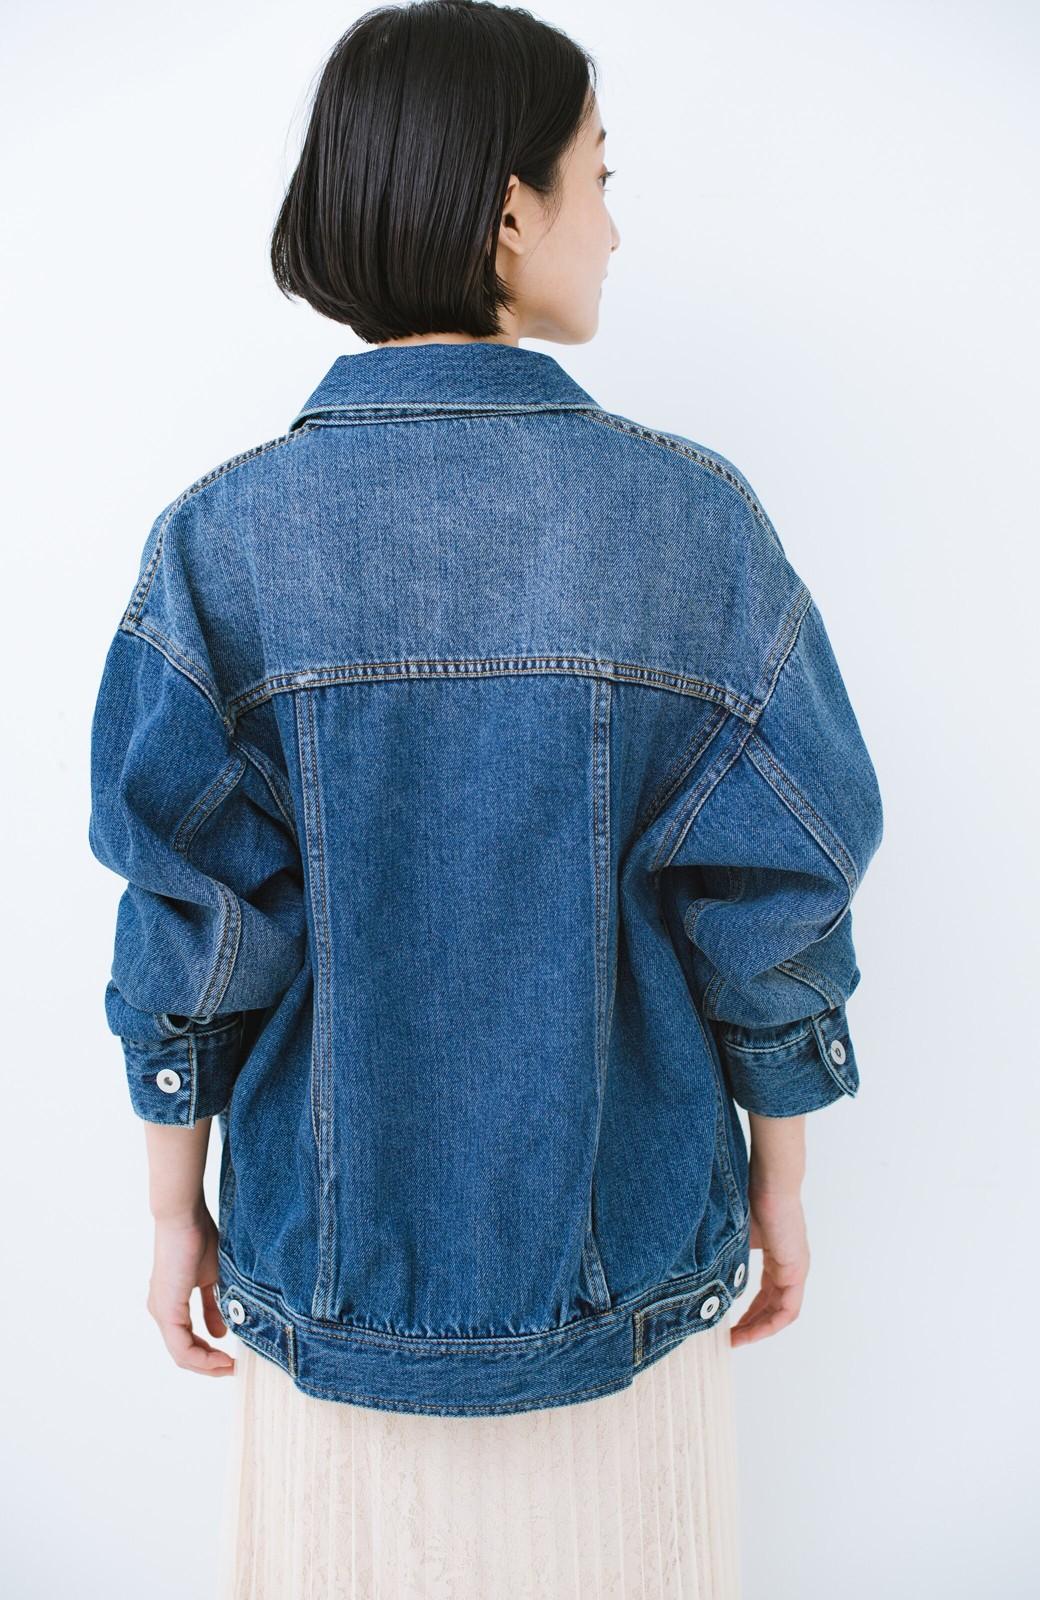 haco! こなれたシルエットがかなうオトナも着やすい大きめGジャン by MAKORI <インディゴブルー>の商品写真21